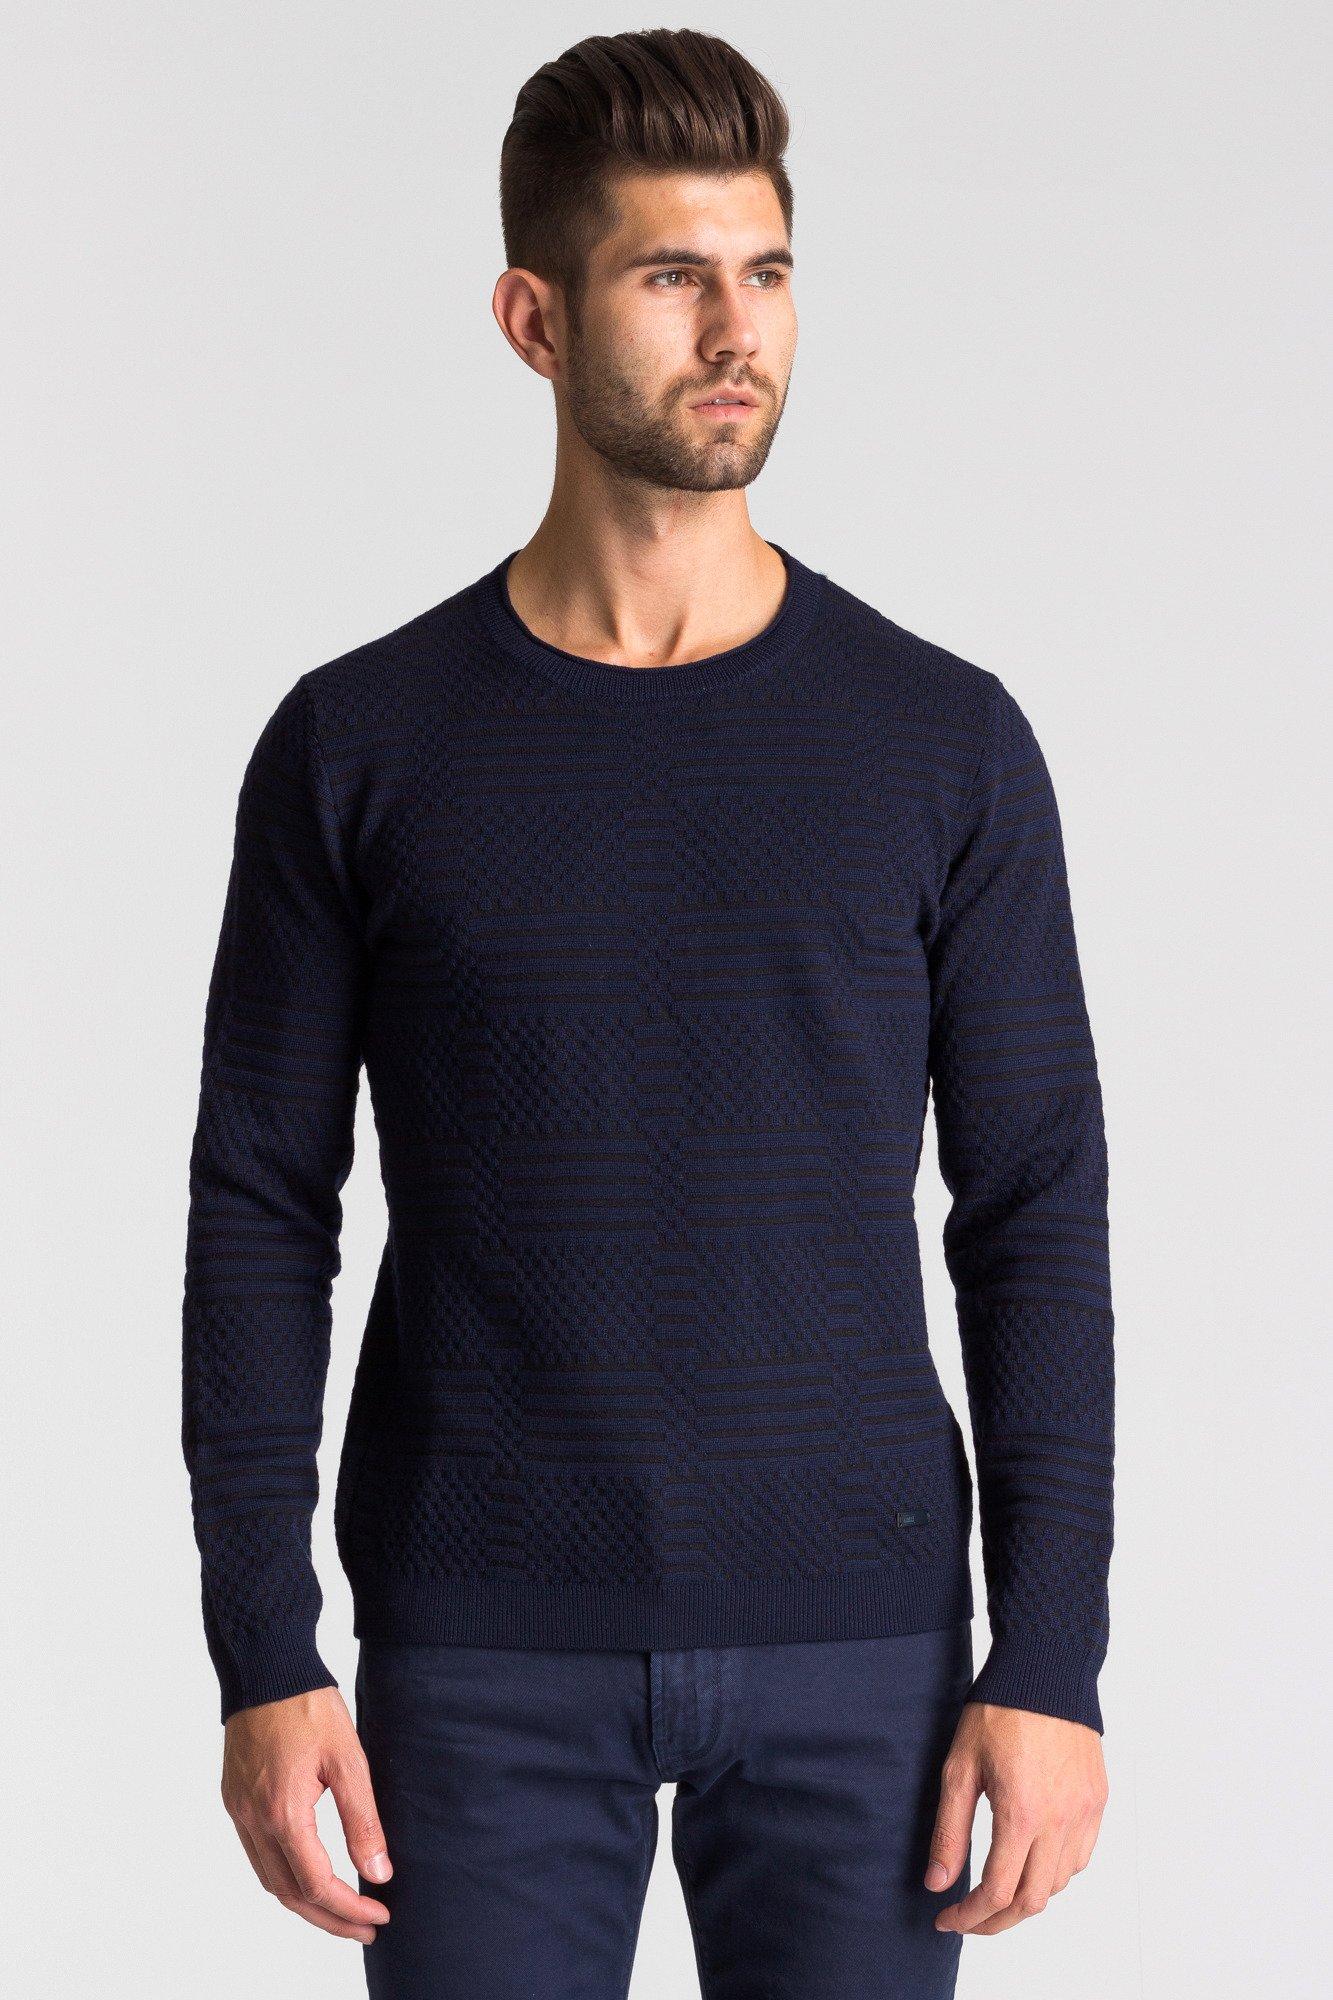 8873caefaa98a ... Granatowo-czarny sweter męski we wzór ...